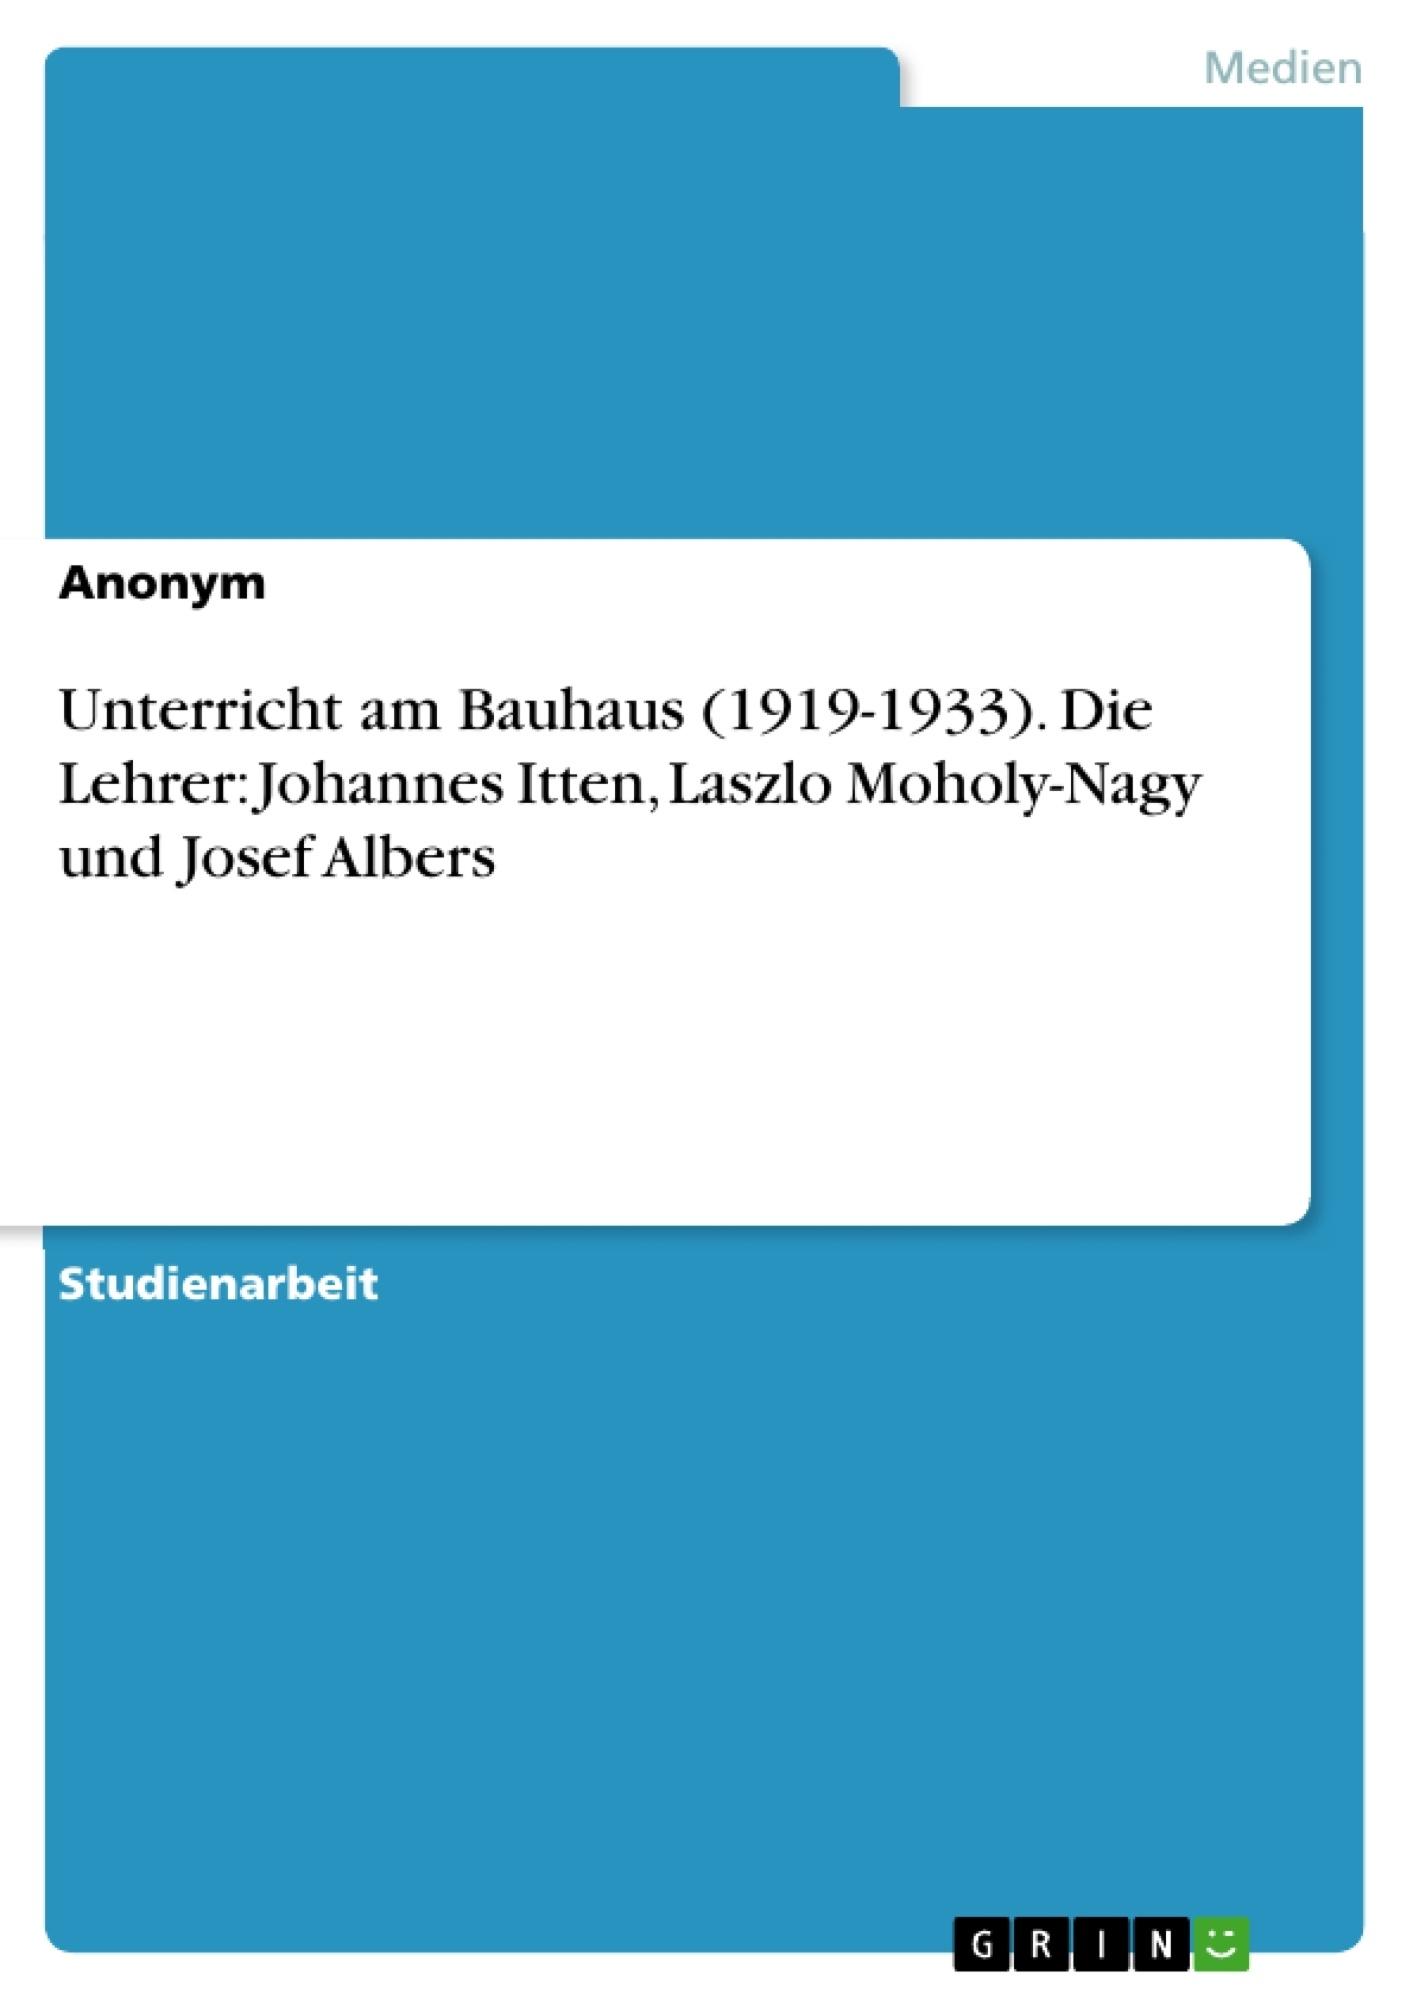 Titel: Unterricht am Bauhaus (1919-1933). Die Lehrer: Johannes Itten, Laszlo Moholy-Nagy und Josef Albers